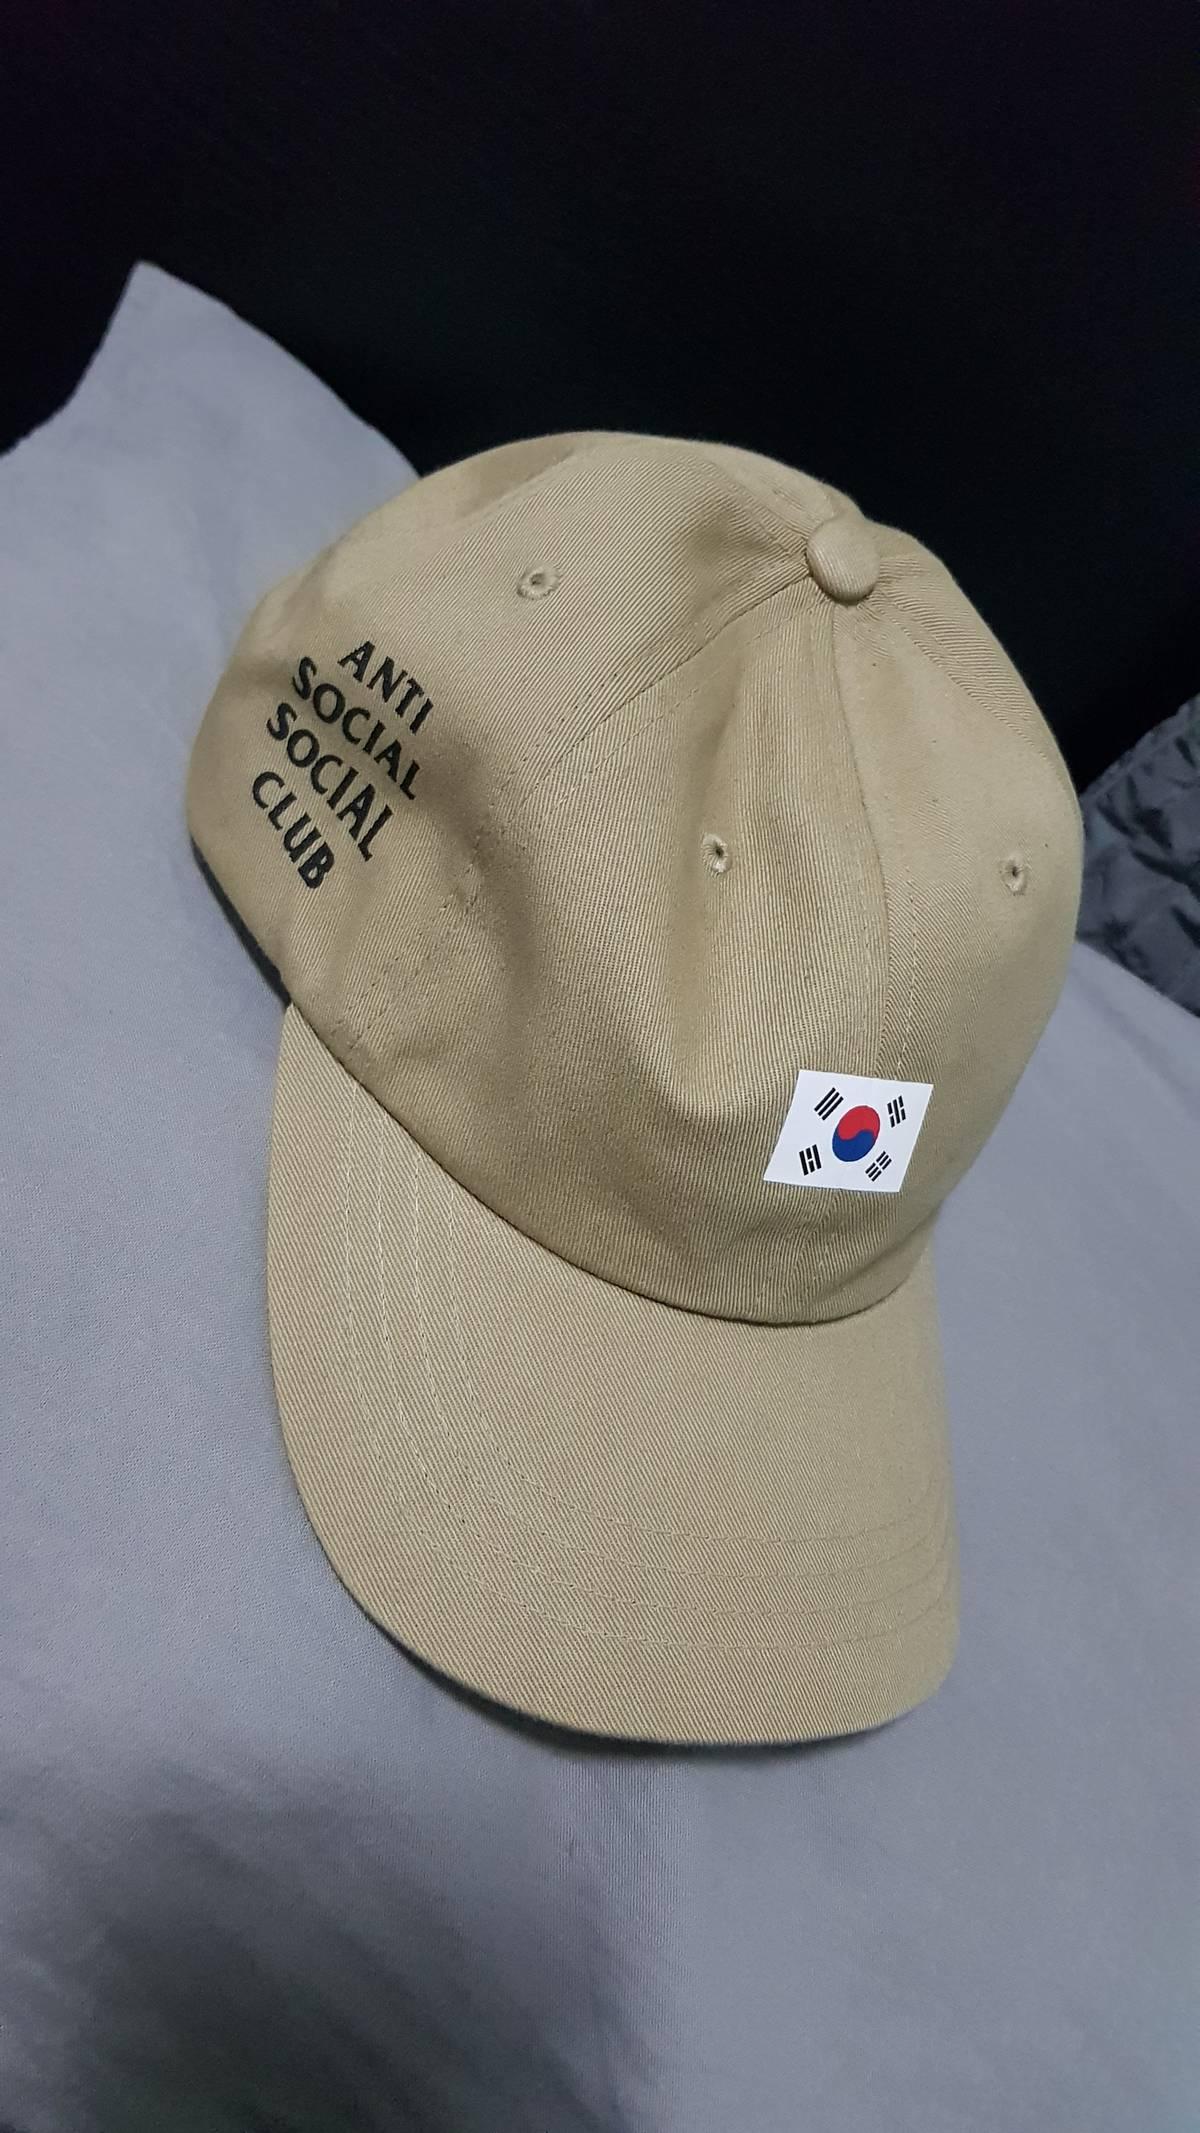 7a676f6f30554 Antisocial Social Club Assc Weird Cap - Korea